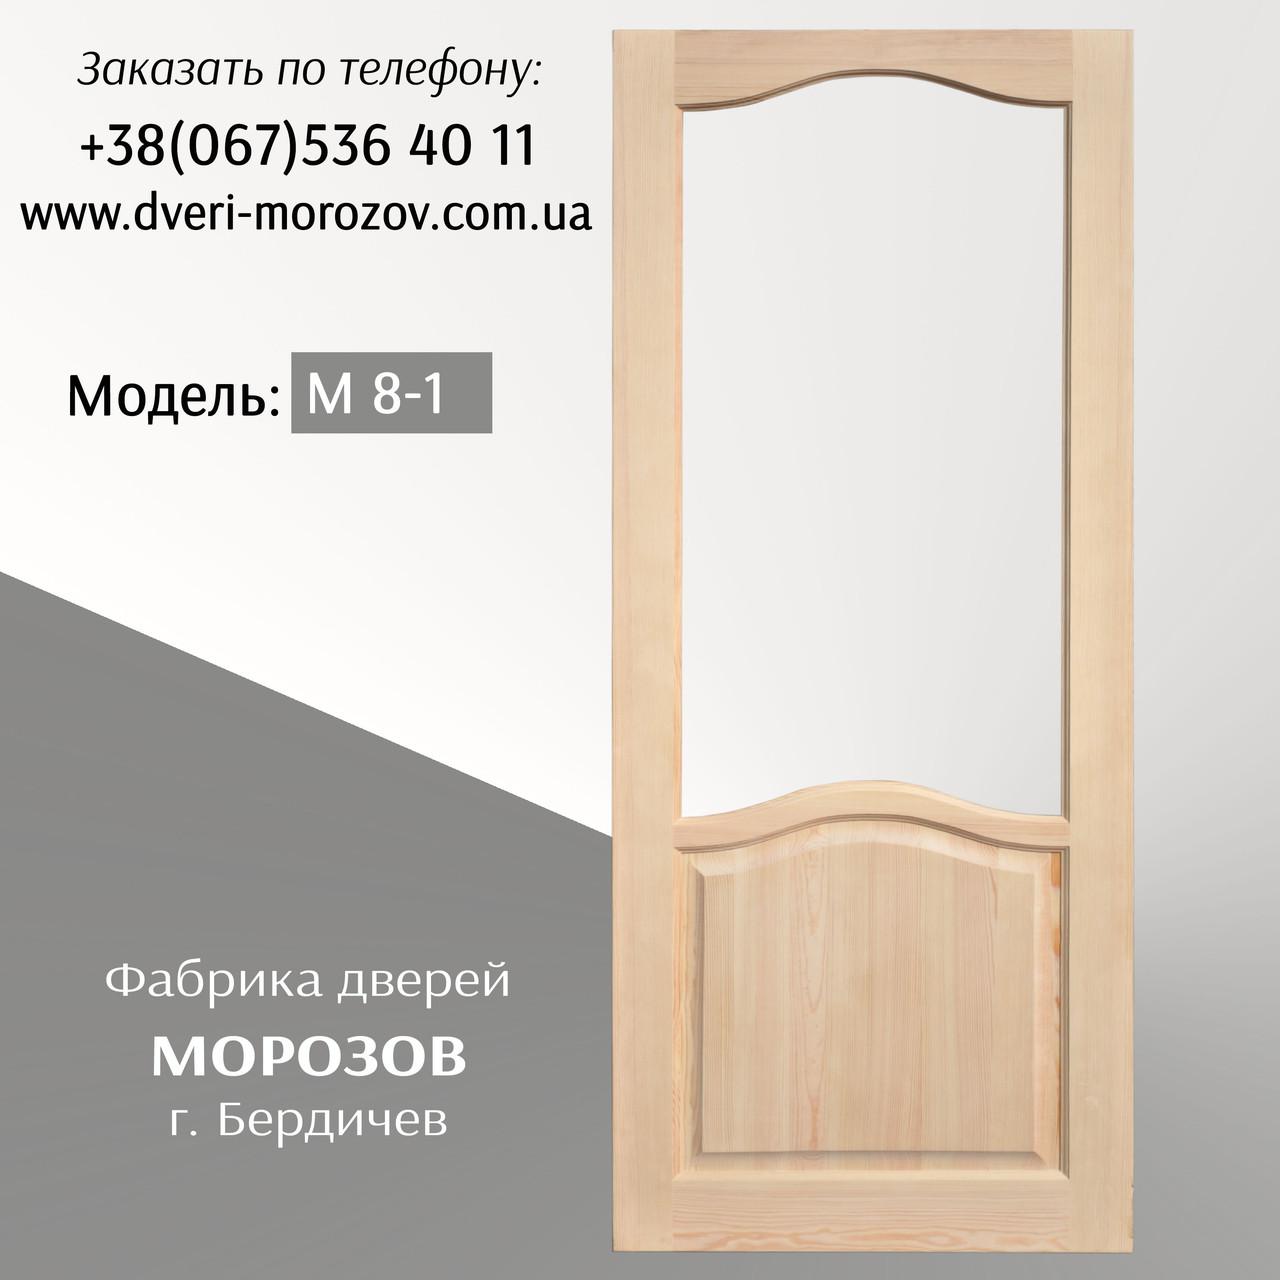 Межкомнатные двери из массива сосны М 8/1 с большим окном для стекла - Продажа деревянных дверей собственного производства г.Бердичев - доставка по Украине в Бердичеве